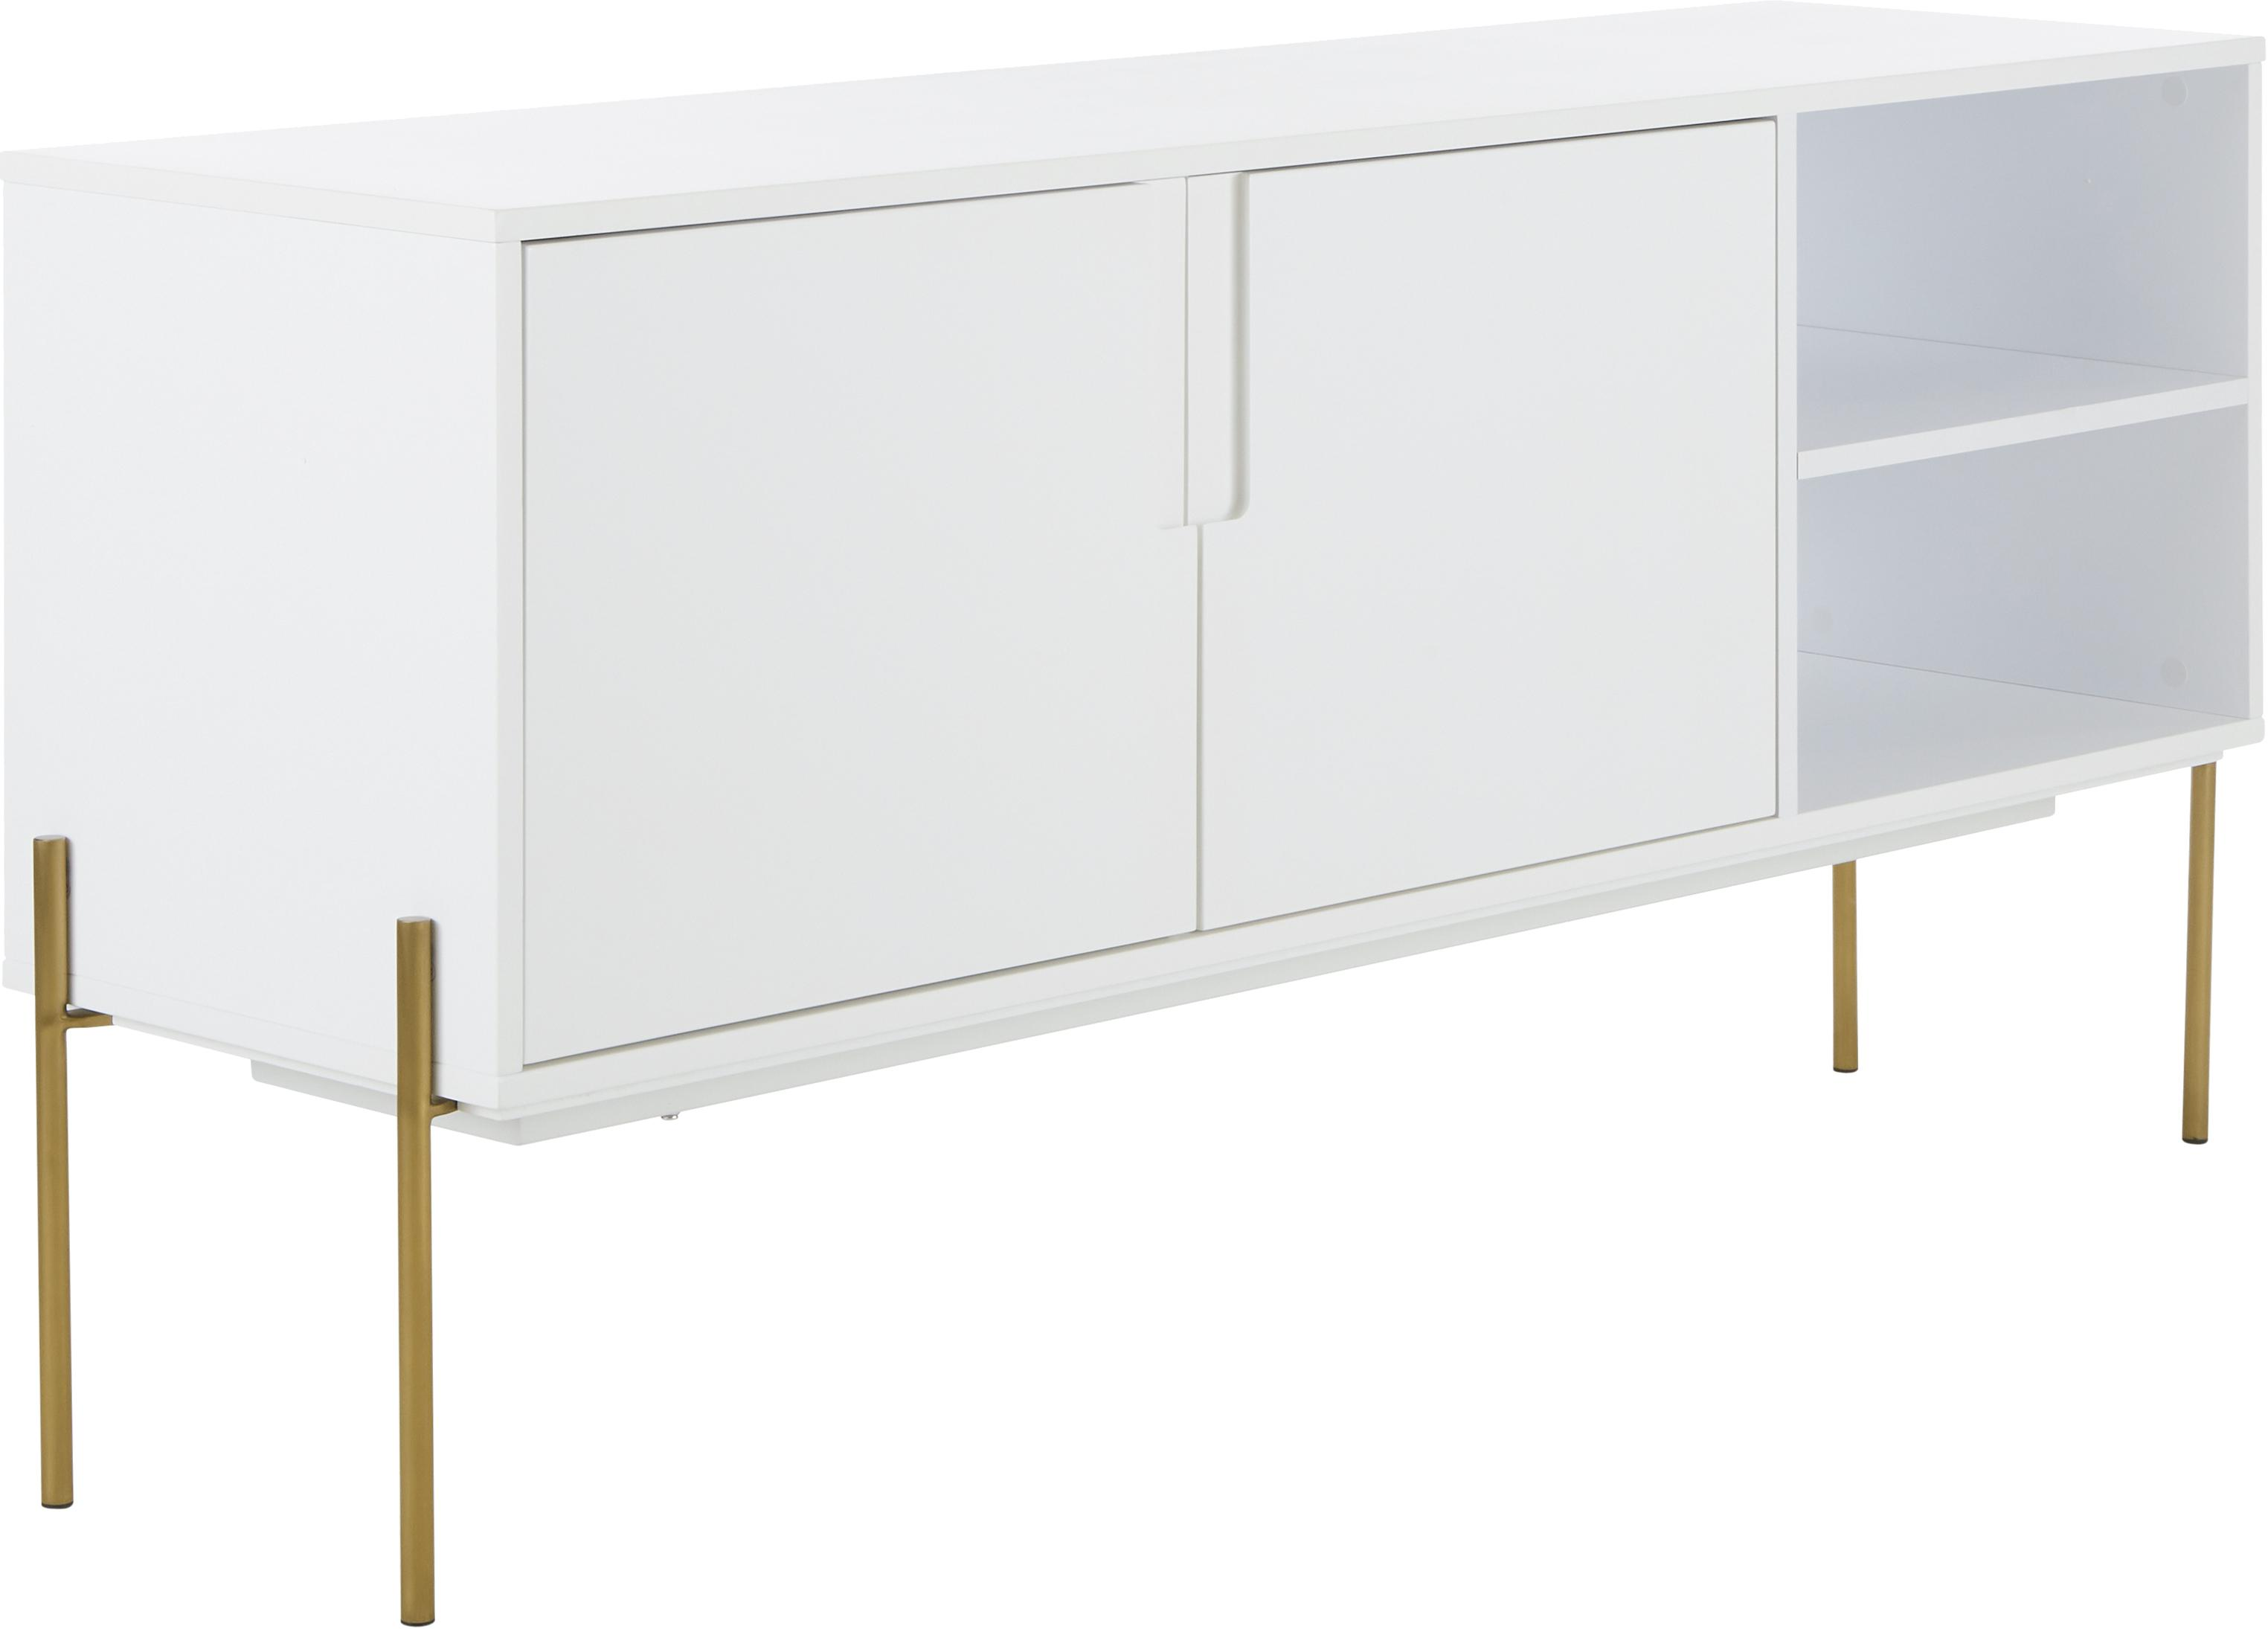 Weisses Sideboard Jesper mit Türen, Korpus: Mitteldichte Holzfaserpla, Korpus: WeissFüsse: Goldfarben, glänzend, 160 x 80 cm